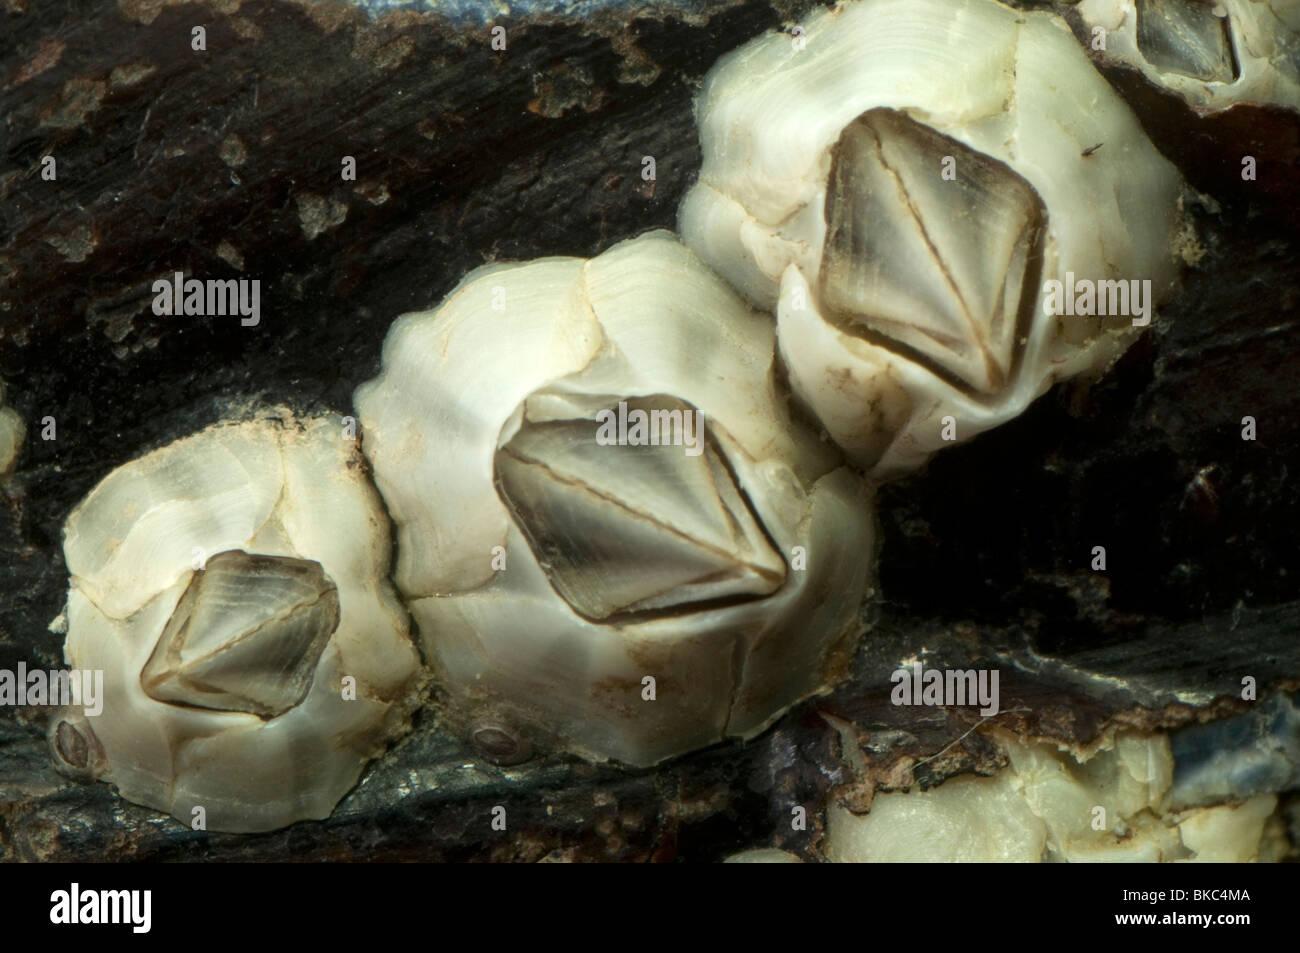 Elminius modestus balane (Australien) sur une coquille de moule. Banque D'Images